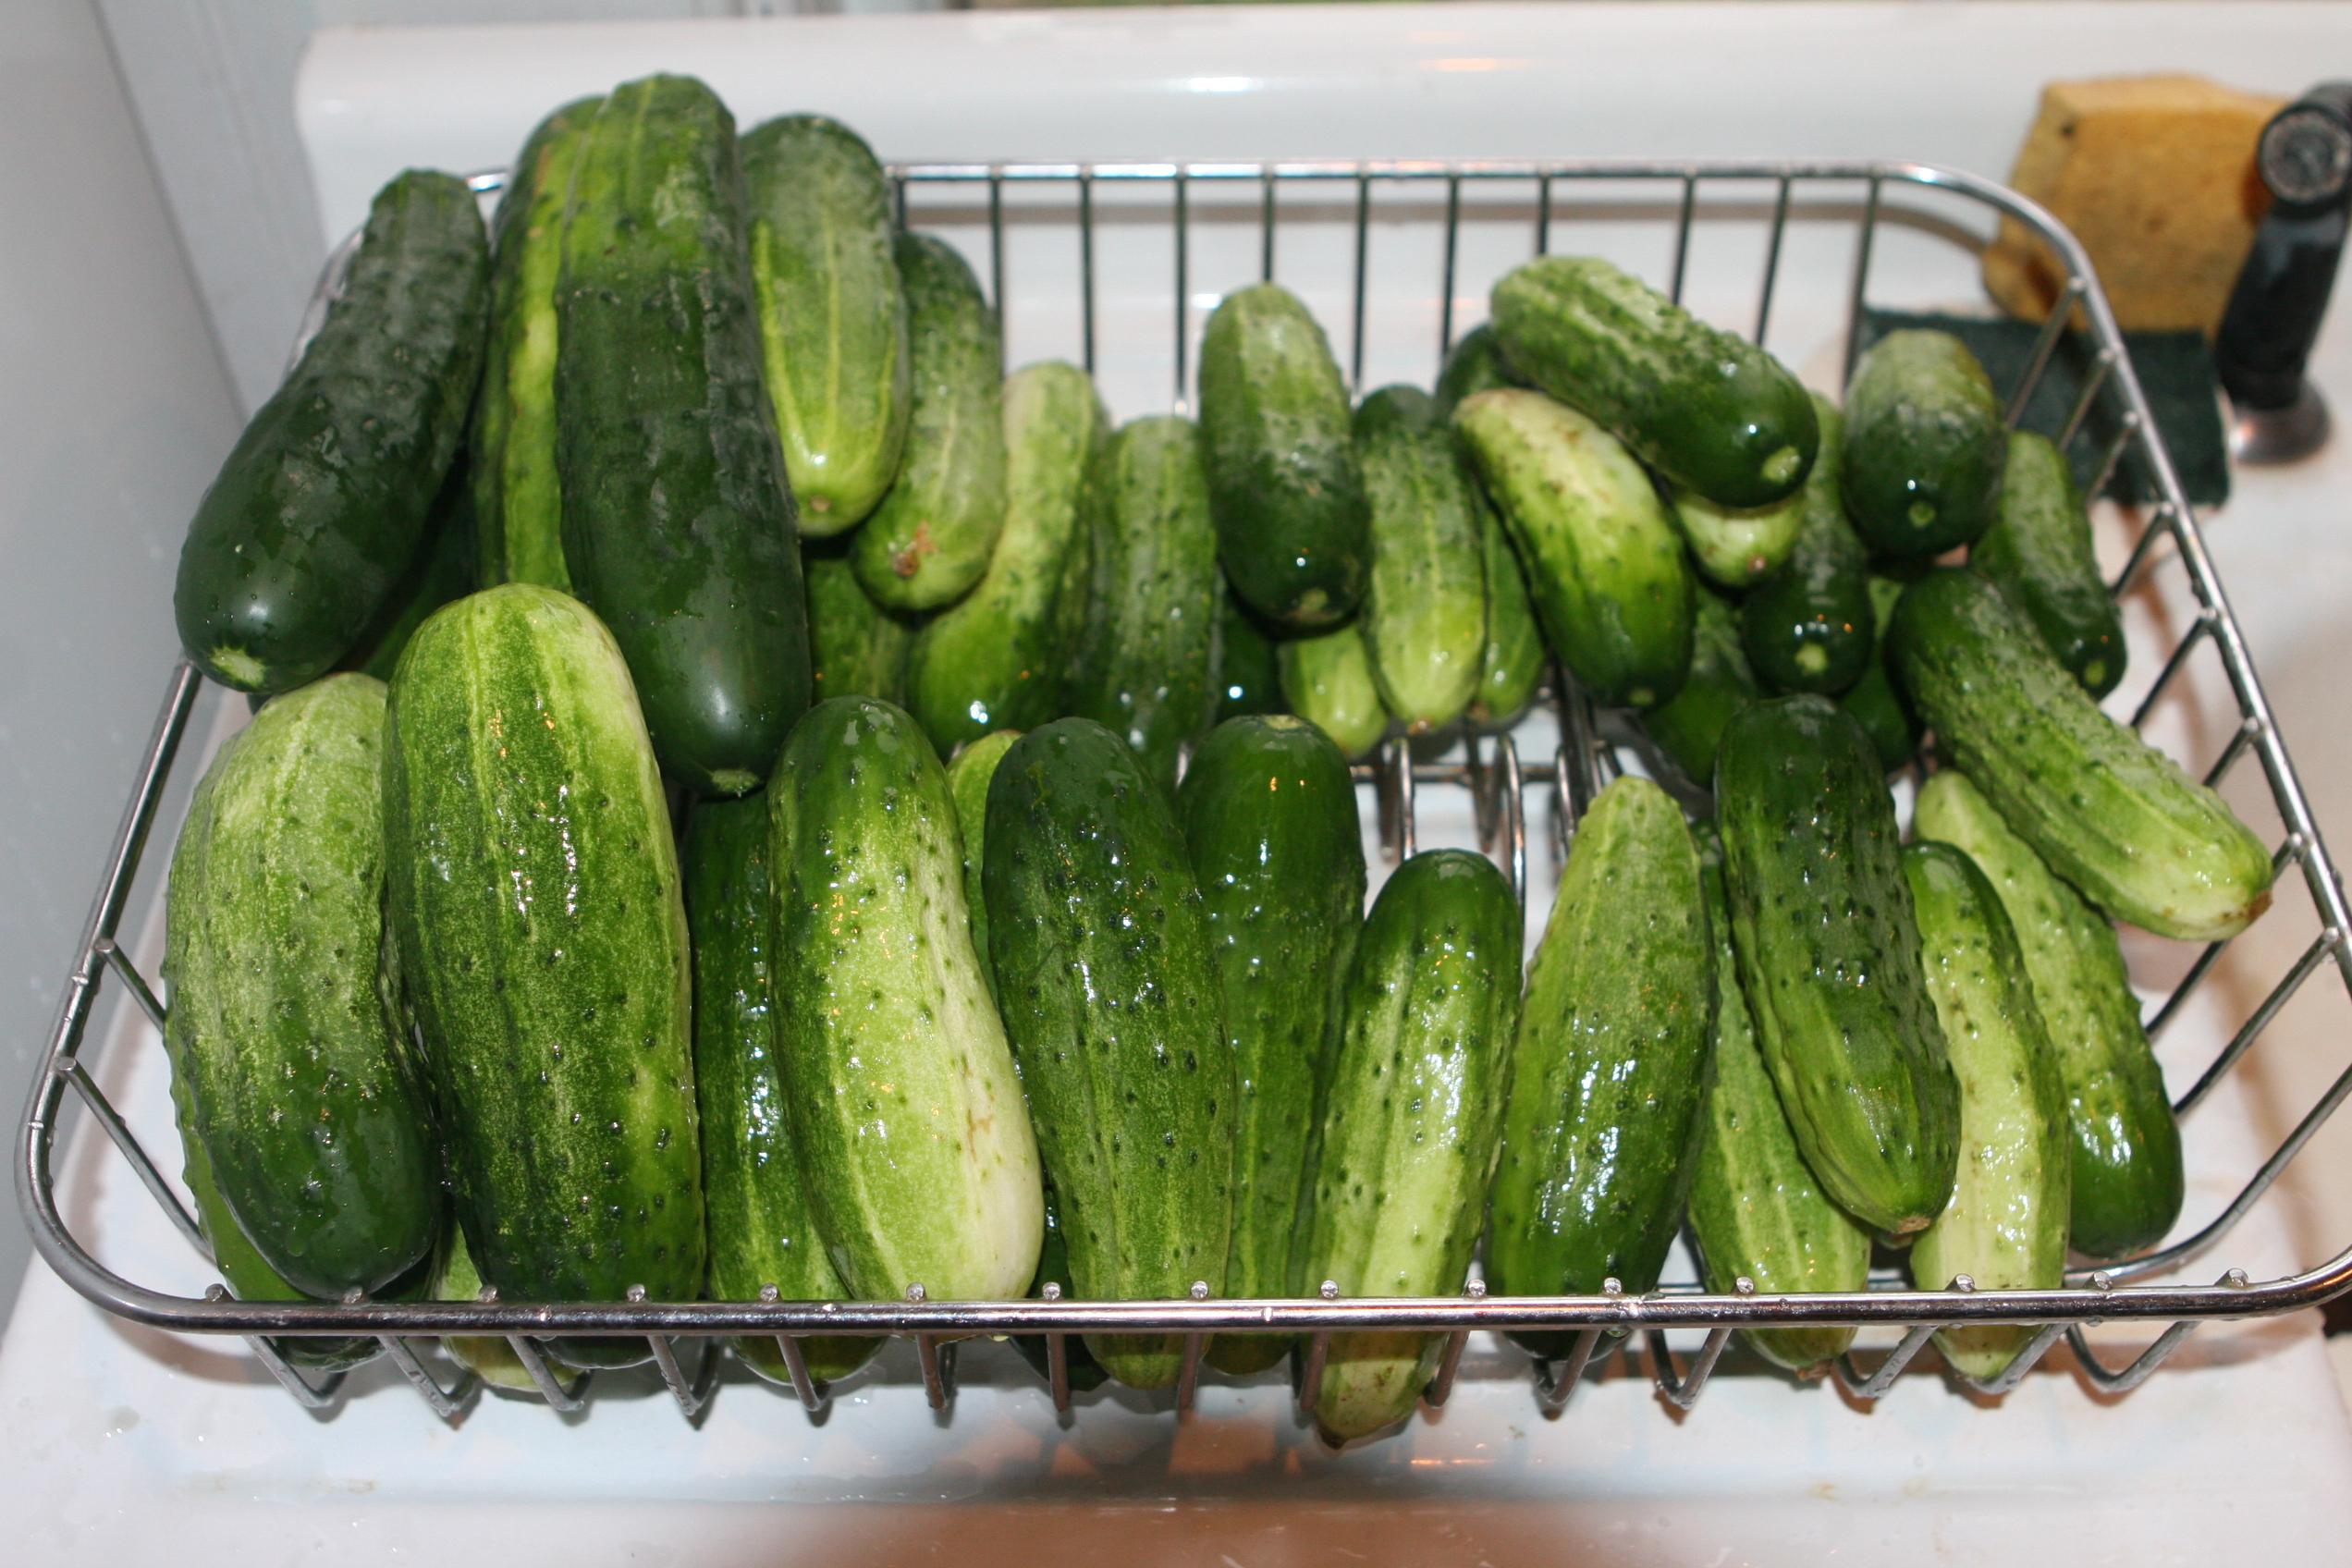 Cucumbers were next--lots of 'em